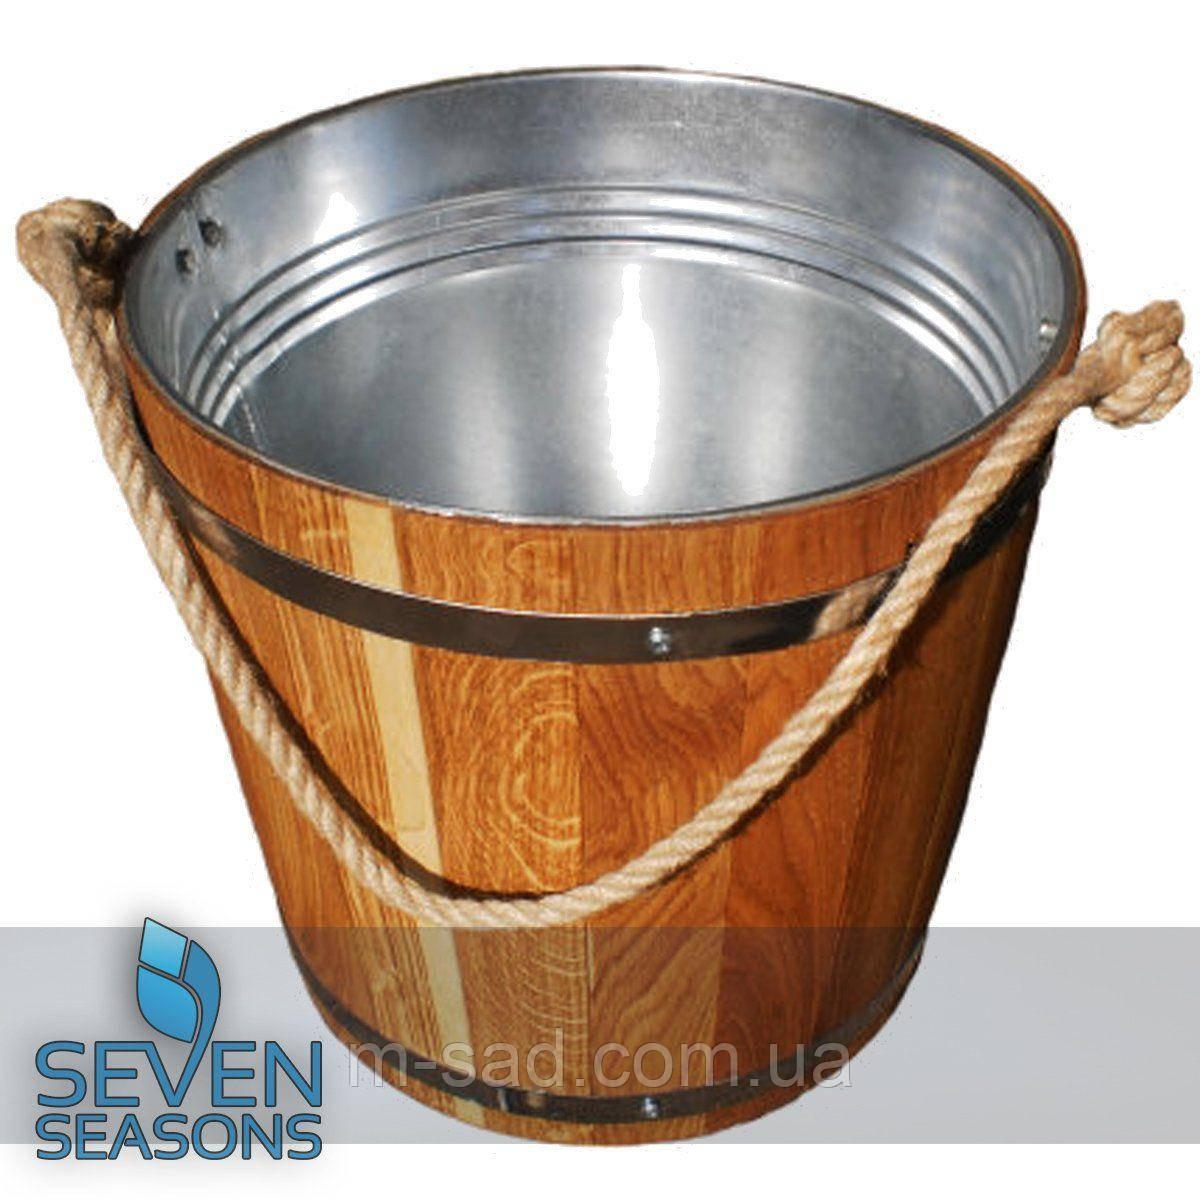 Ведро из дуба для бани Seven Seasons™ с оцинкованной вставкой, 7 л